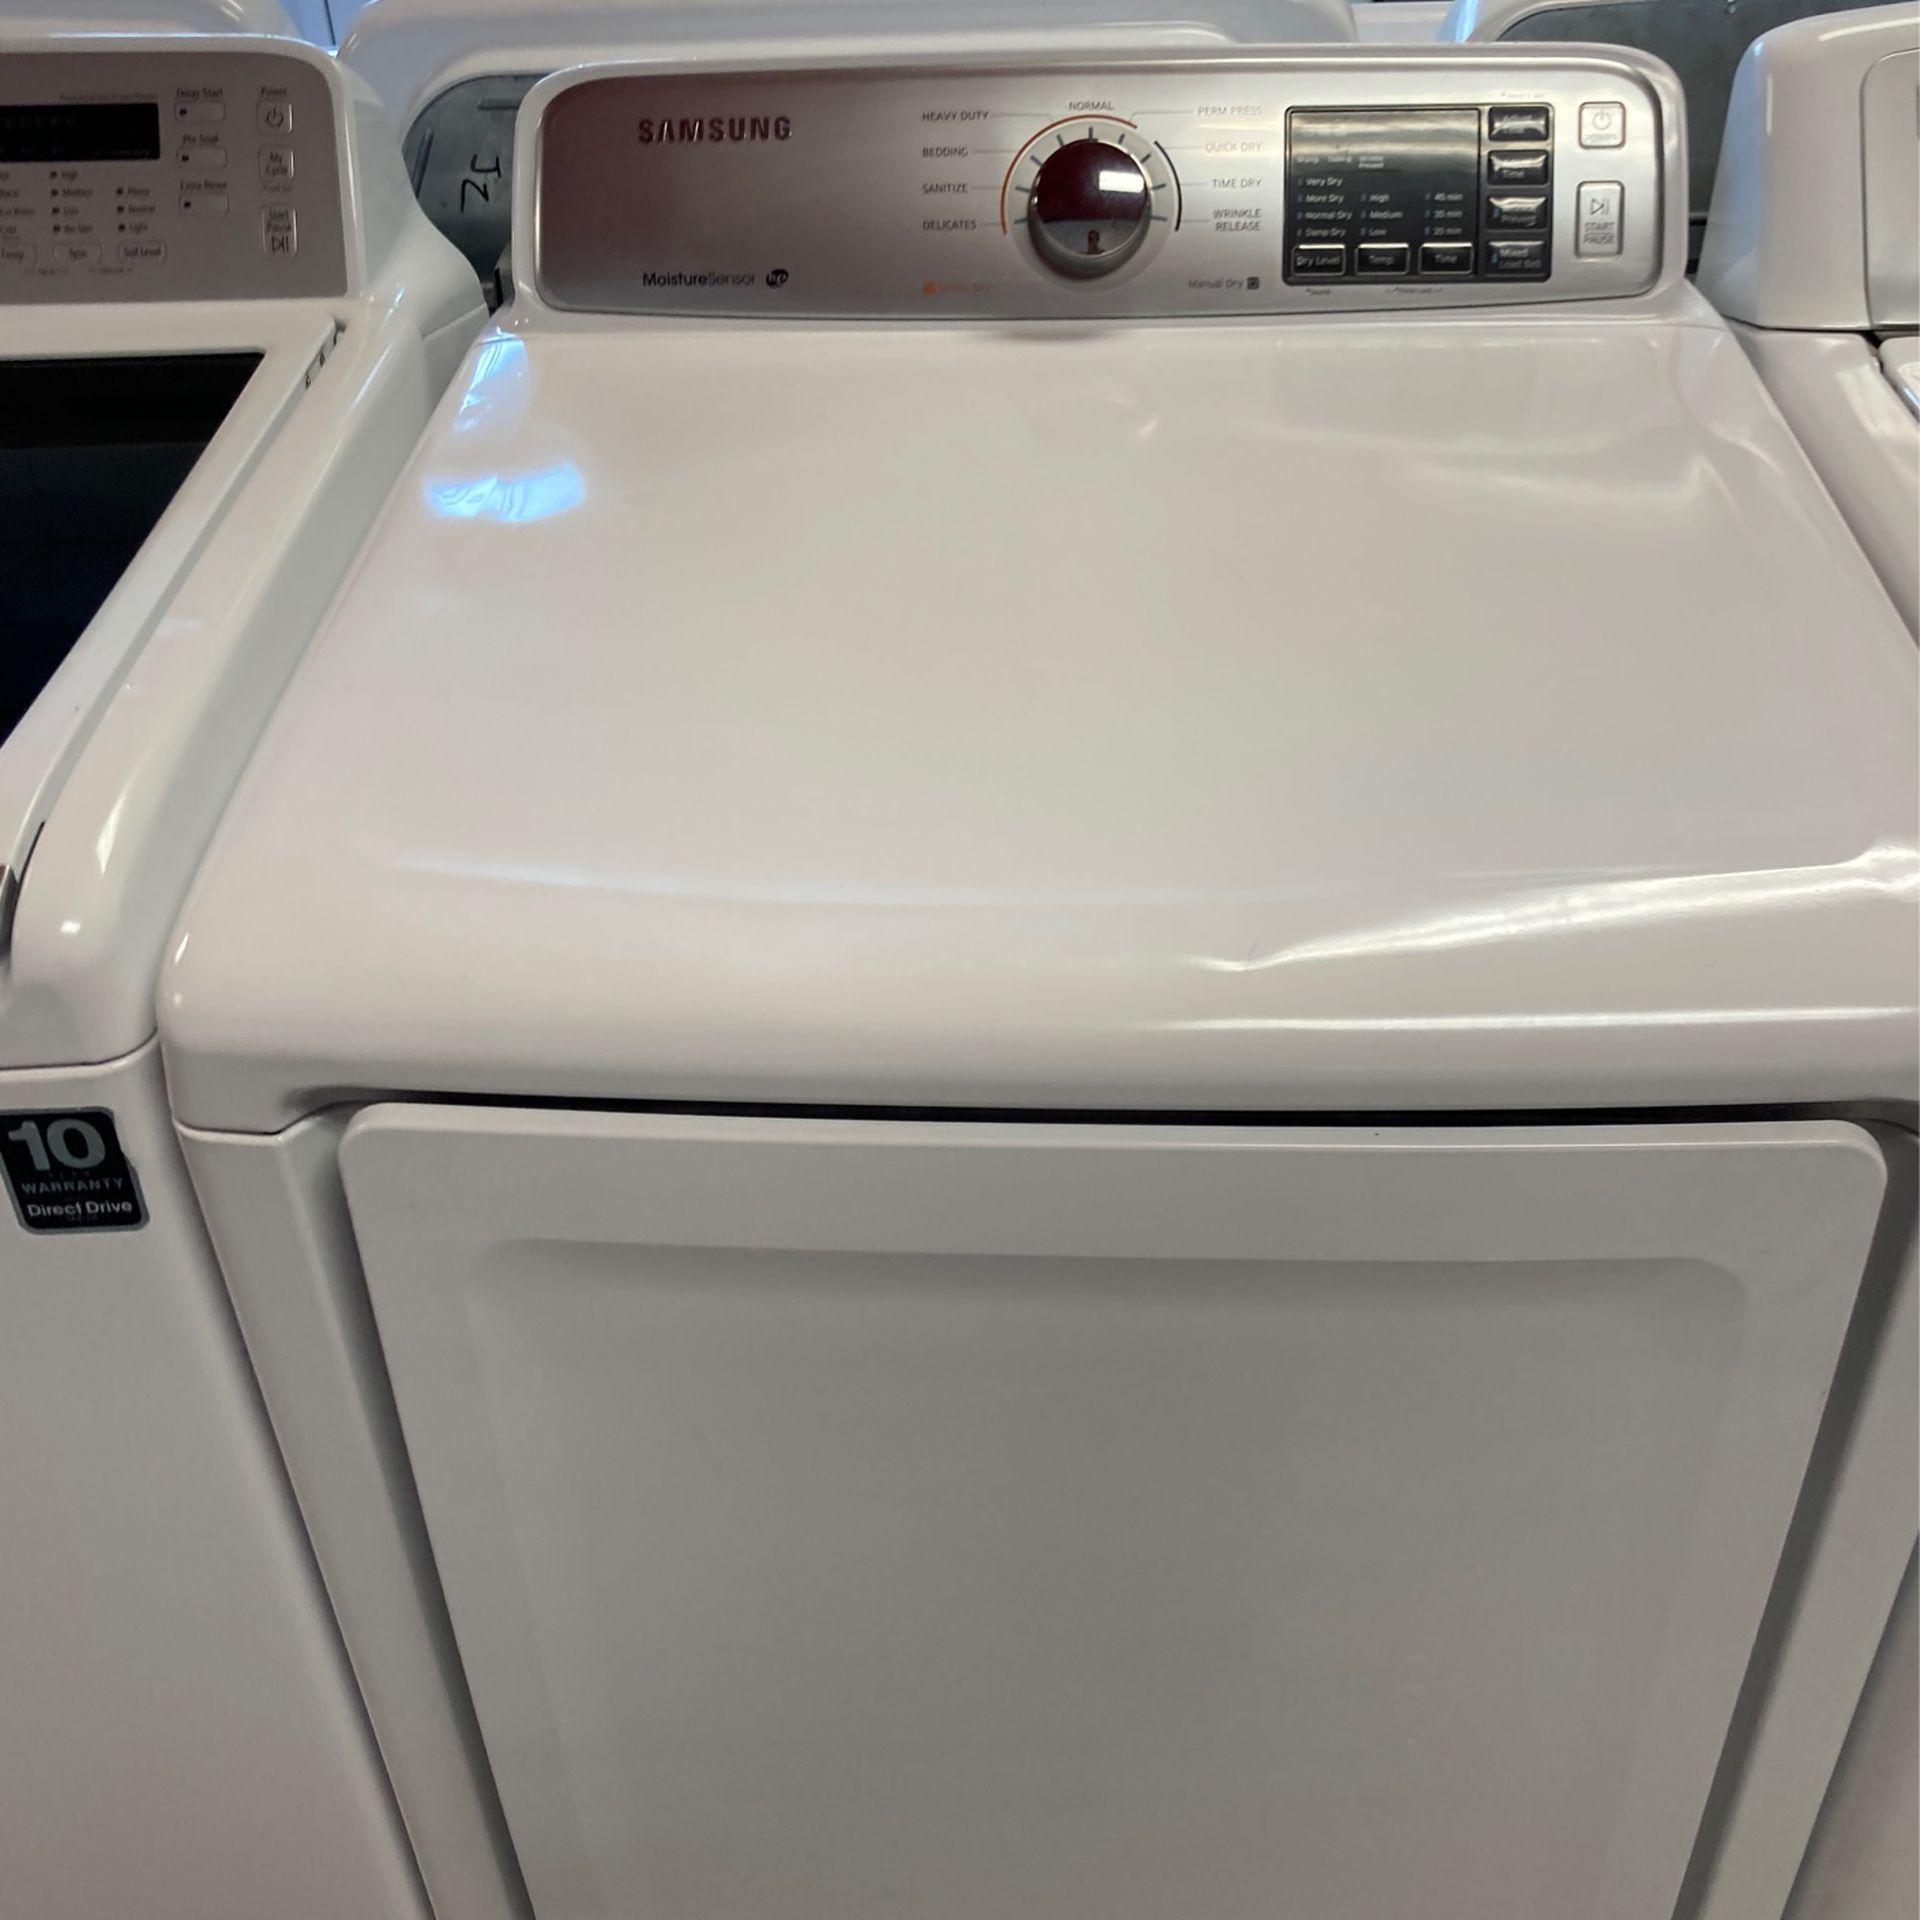 Samsung Washer Dryer Set